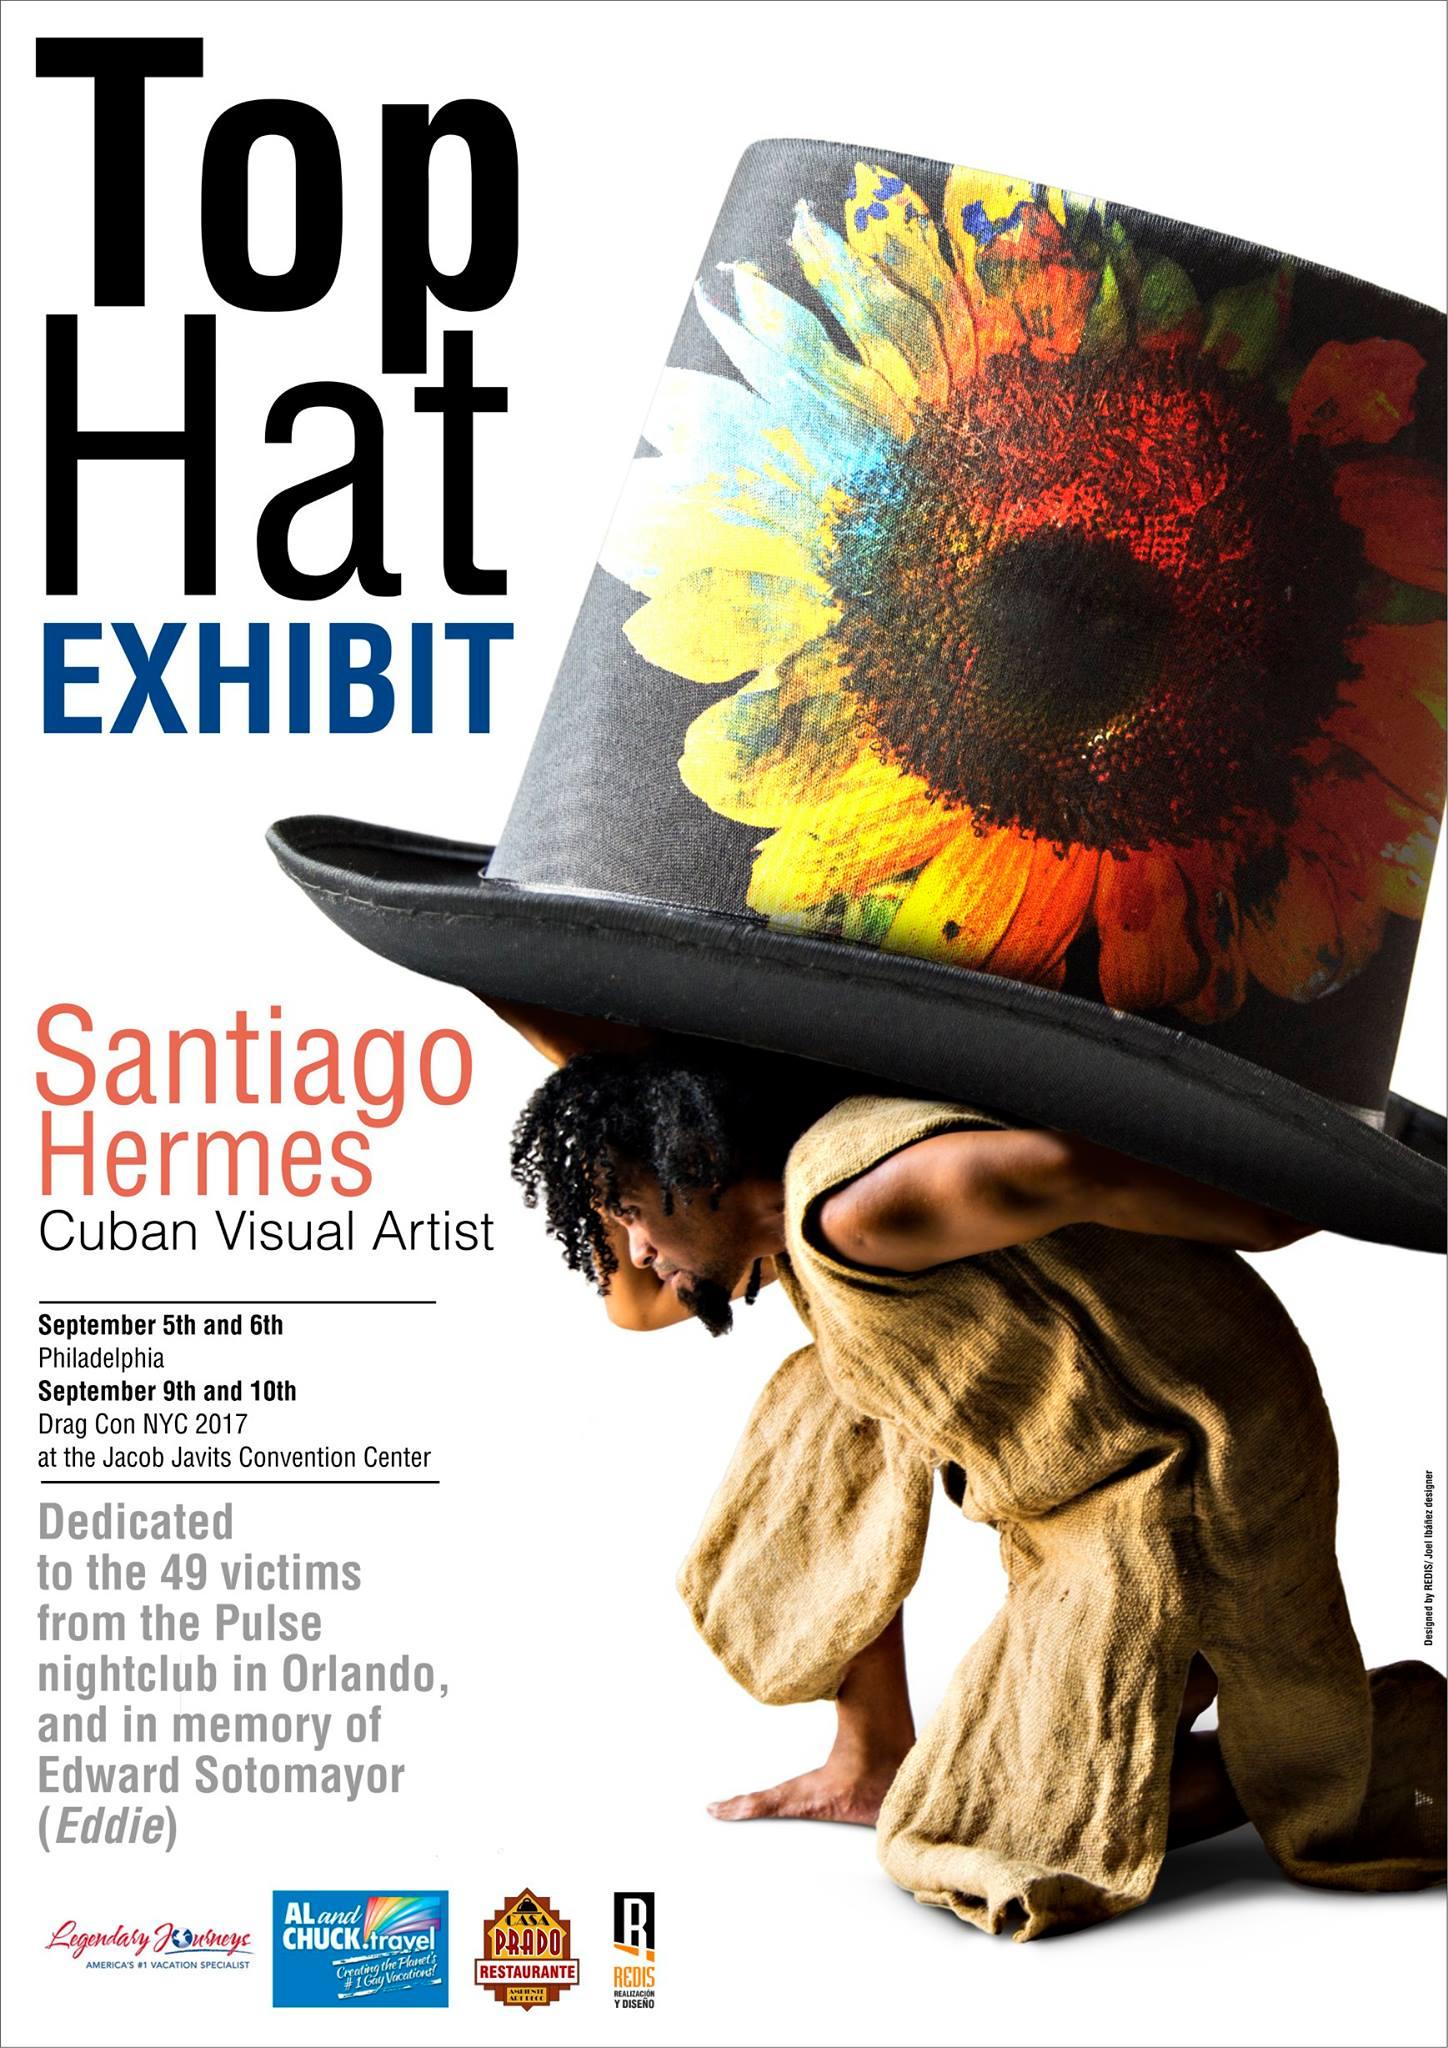 cartel del evento- santiago hermes